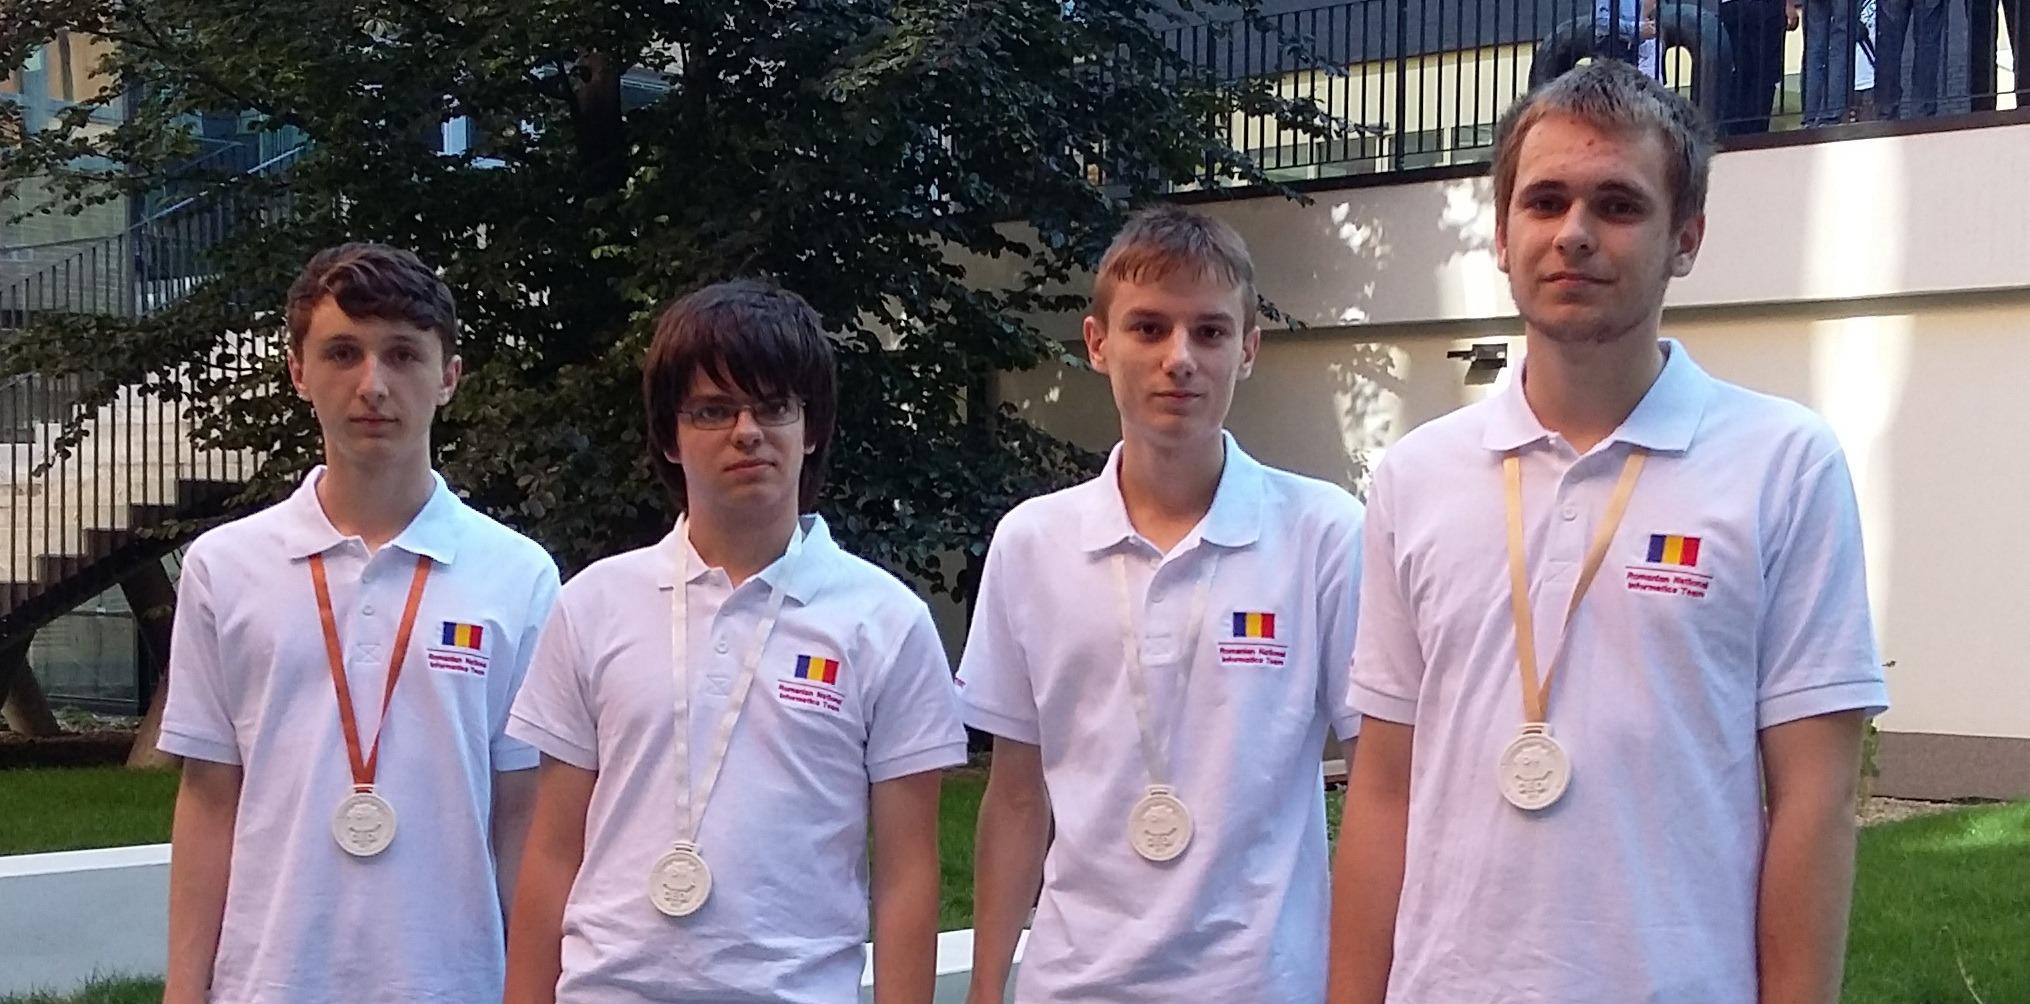 Olimpicii români au cucerit patru medalii la concursul de la Brno (edu.ro)